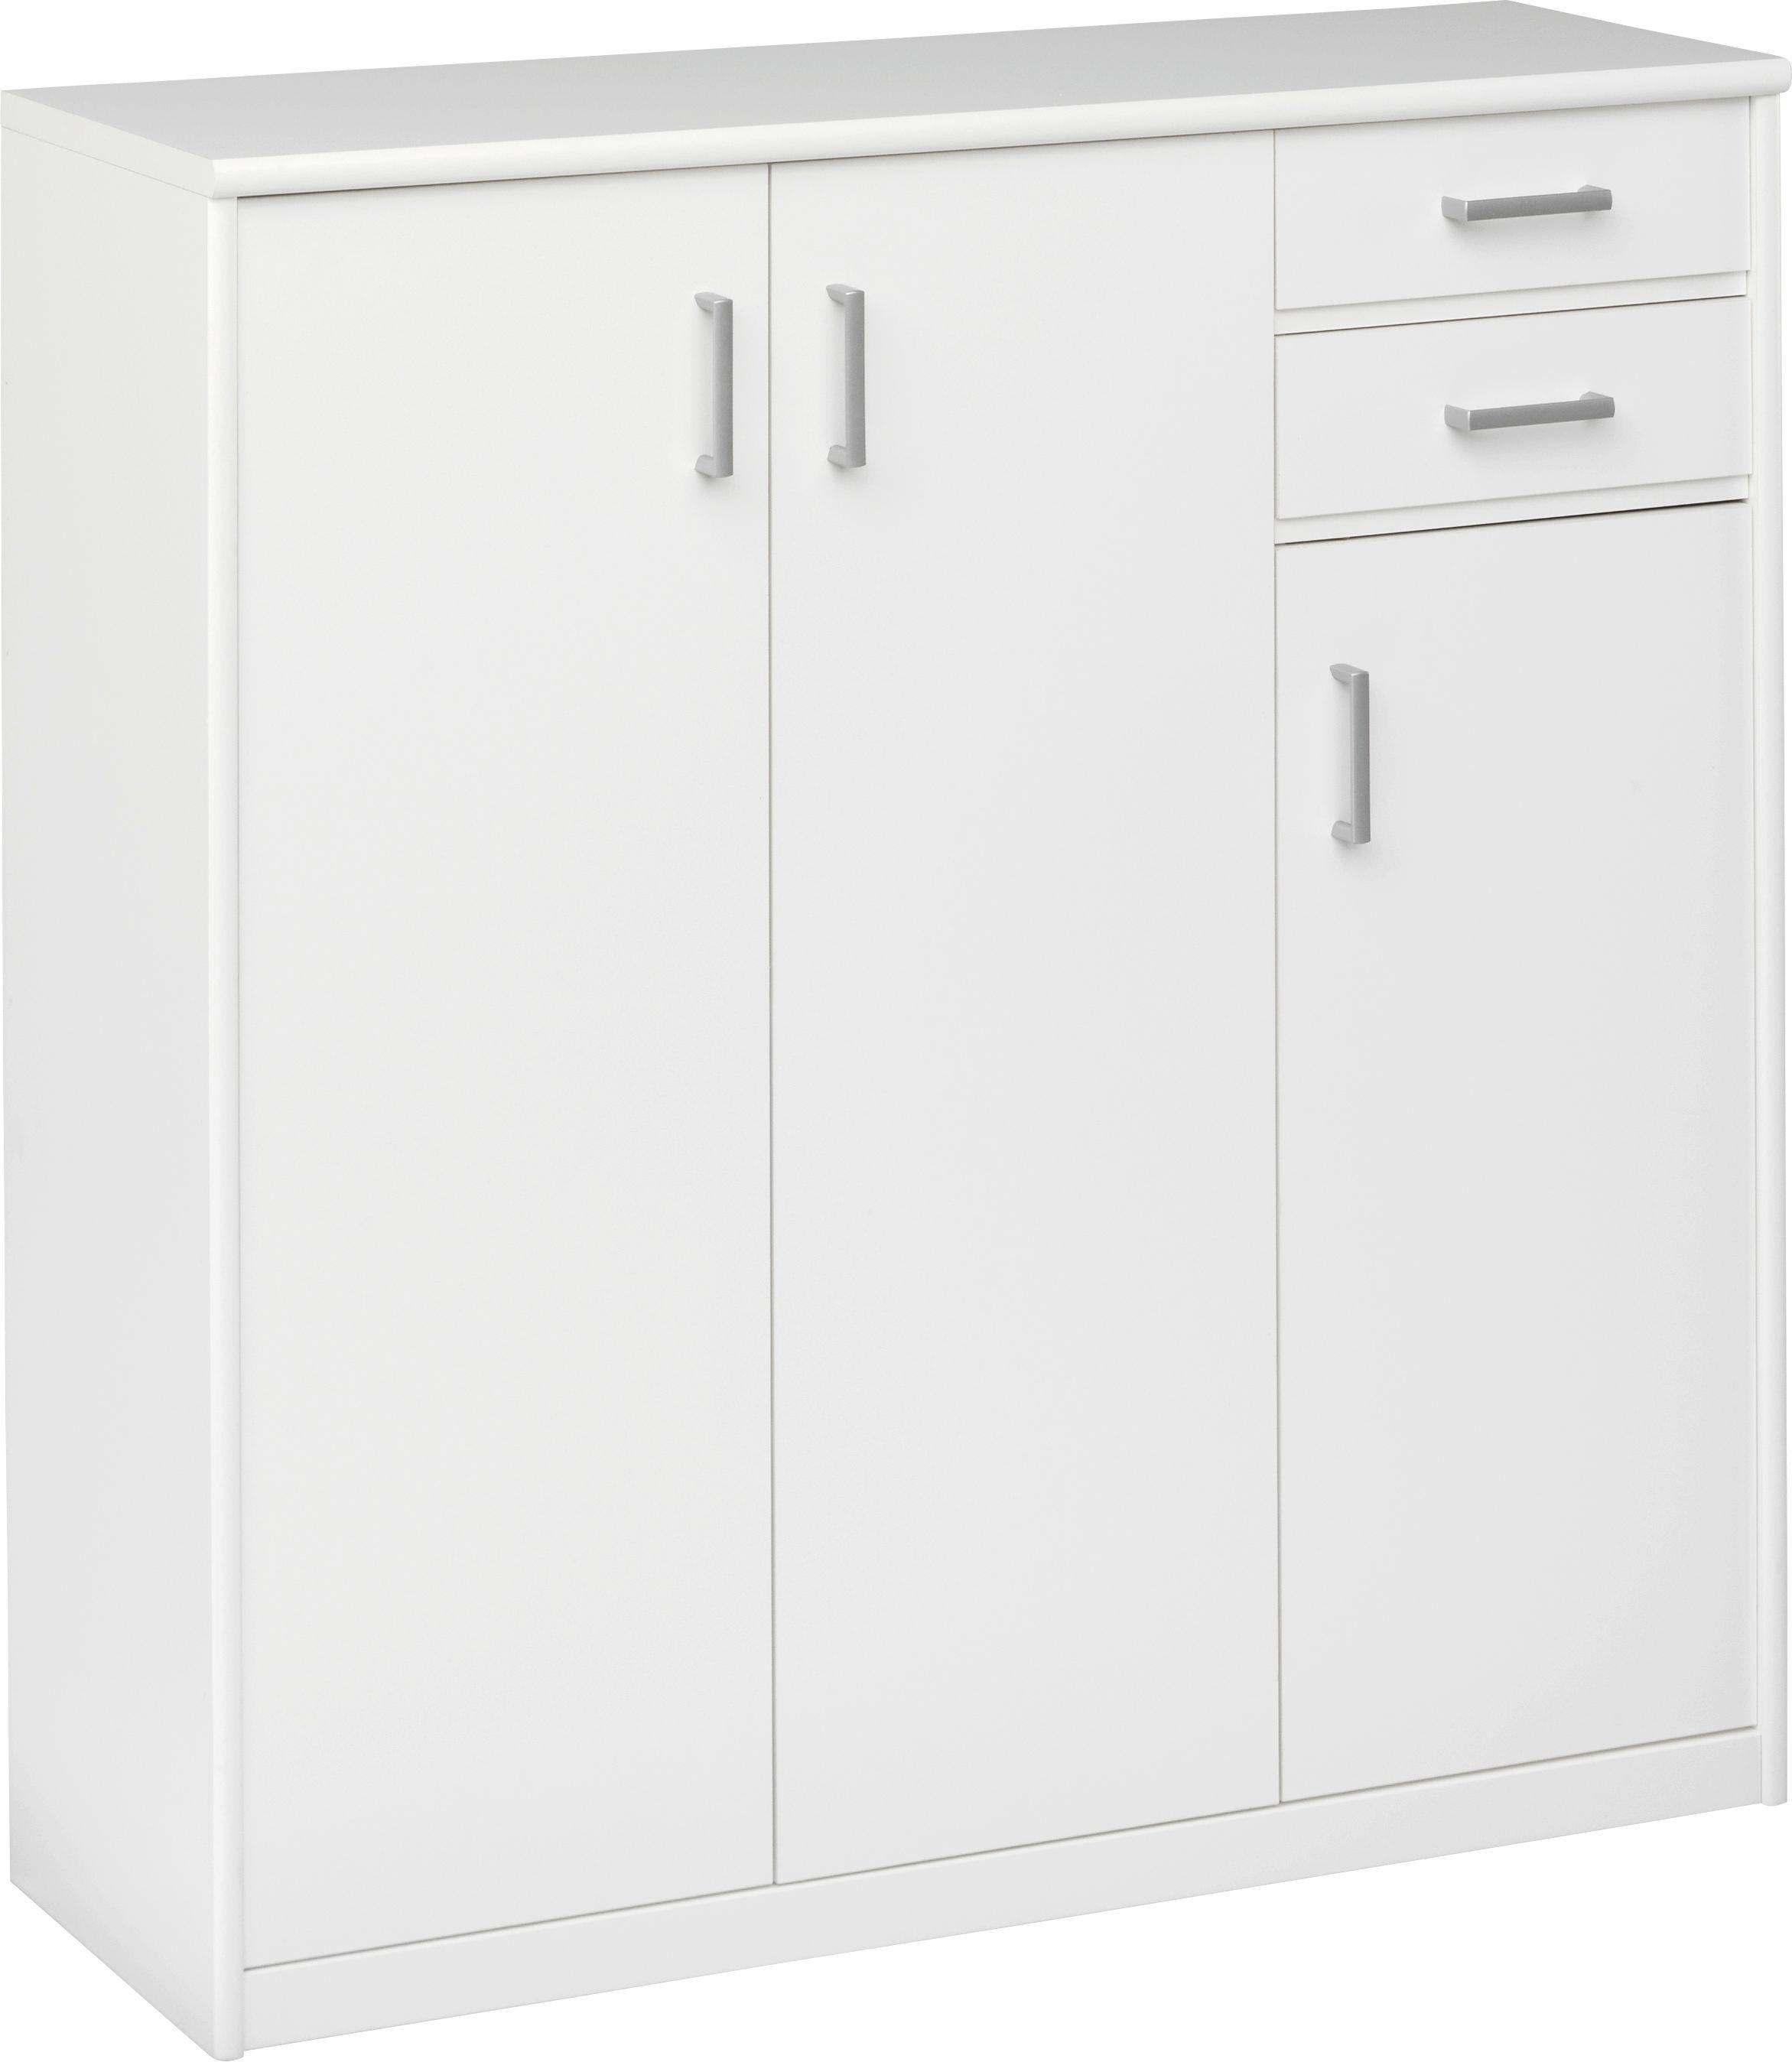 KOMODA - bijela/boje srebra, Konvencionalno, drvni materijal/plastika (106/110/36cm) - CS SCHMAL